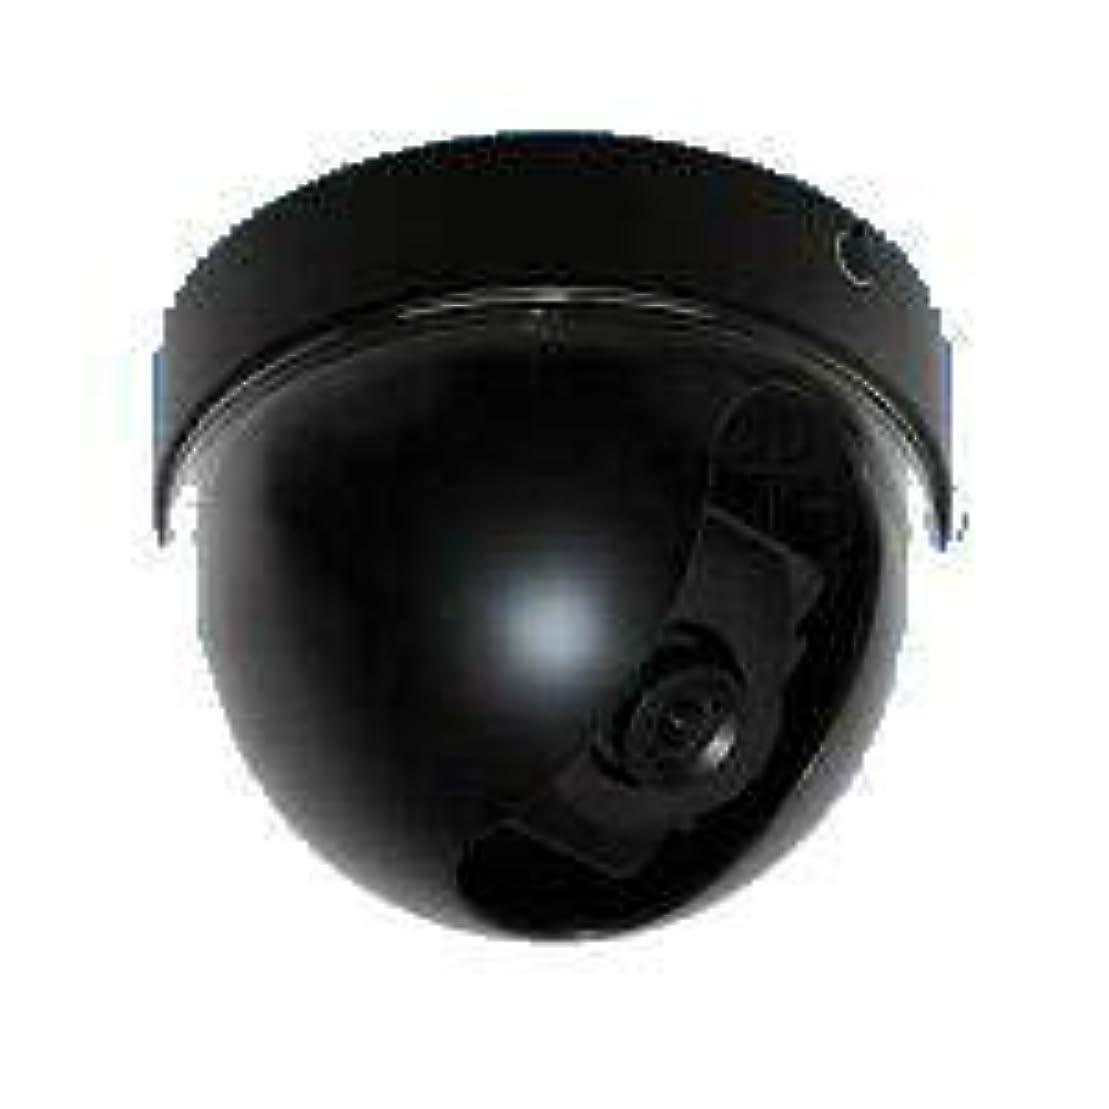 うなり声カートンサンドイッチ塚本無線 HD-SDIカメラ WTW-HD38BA ブラック